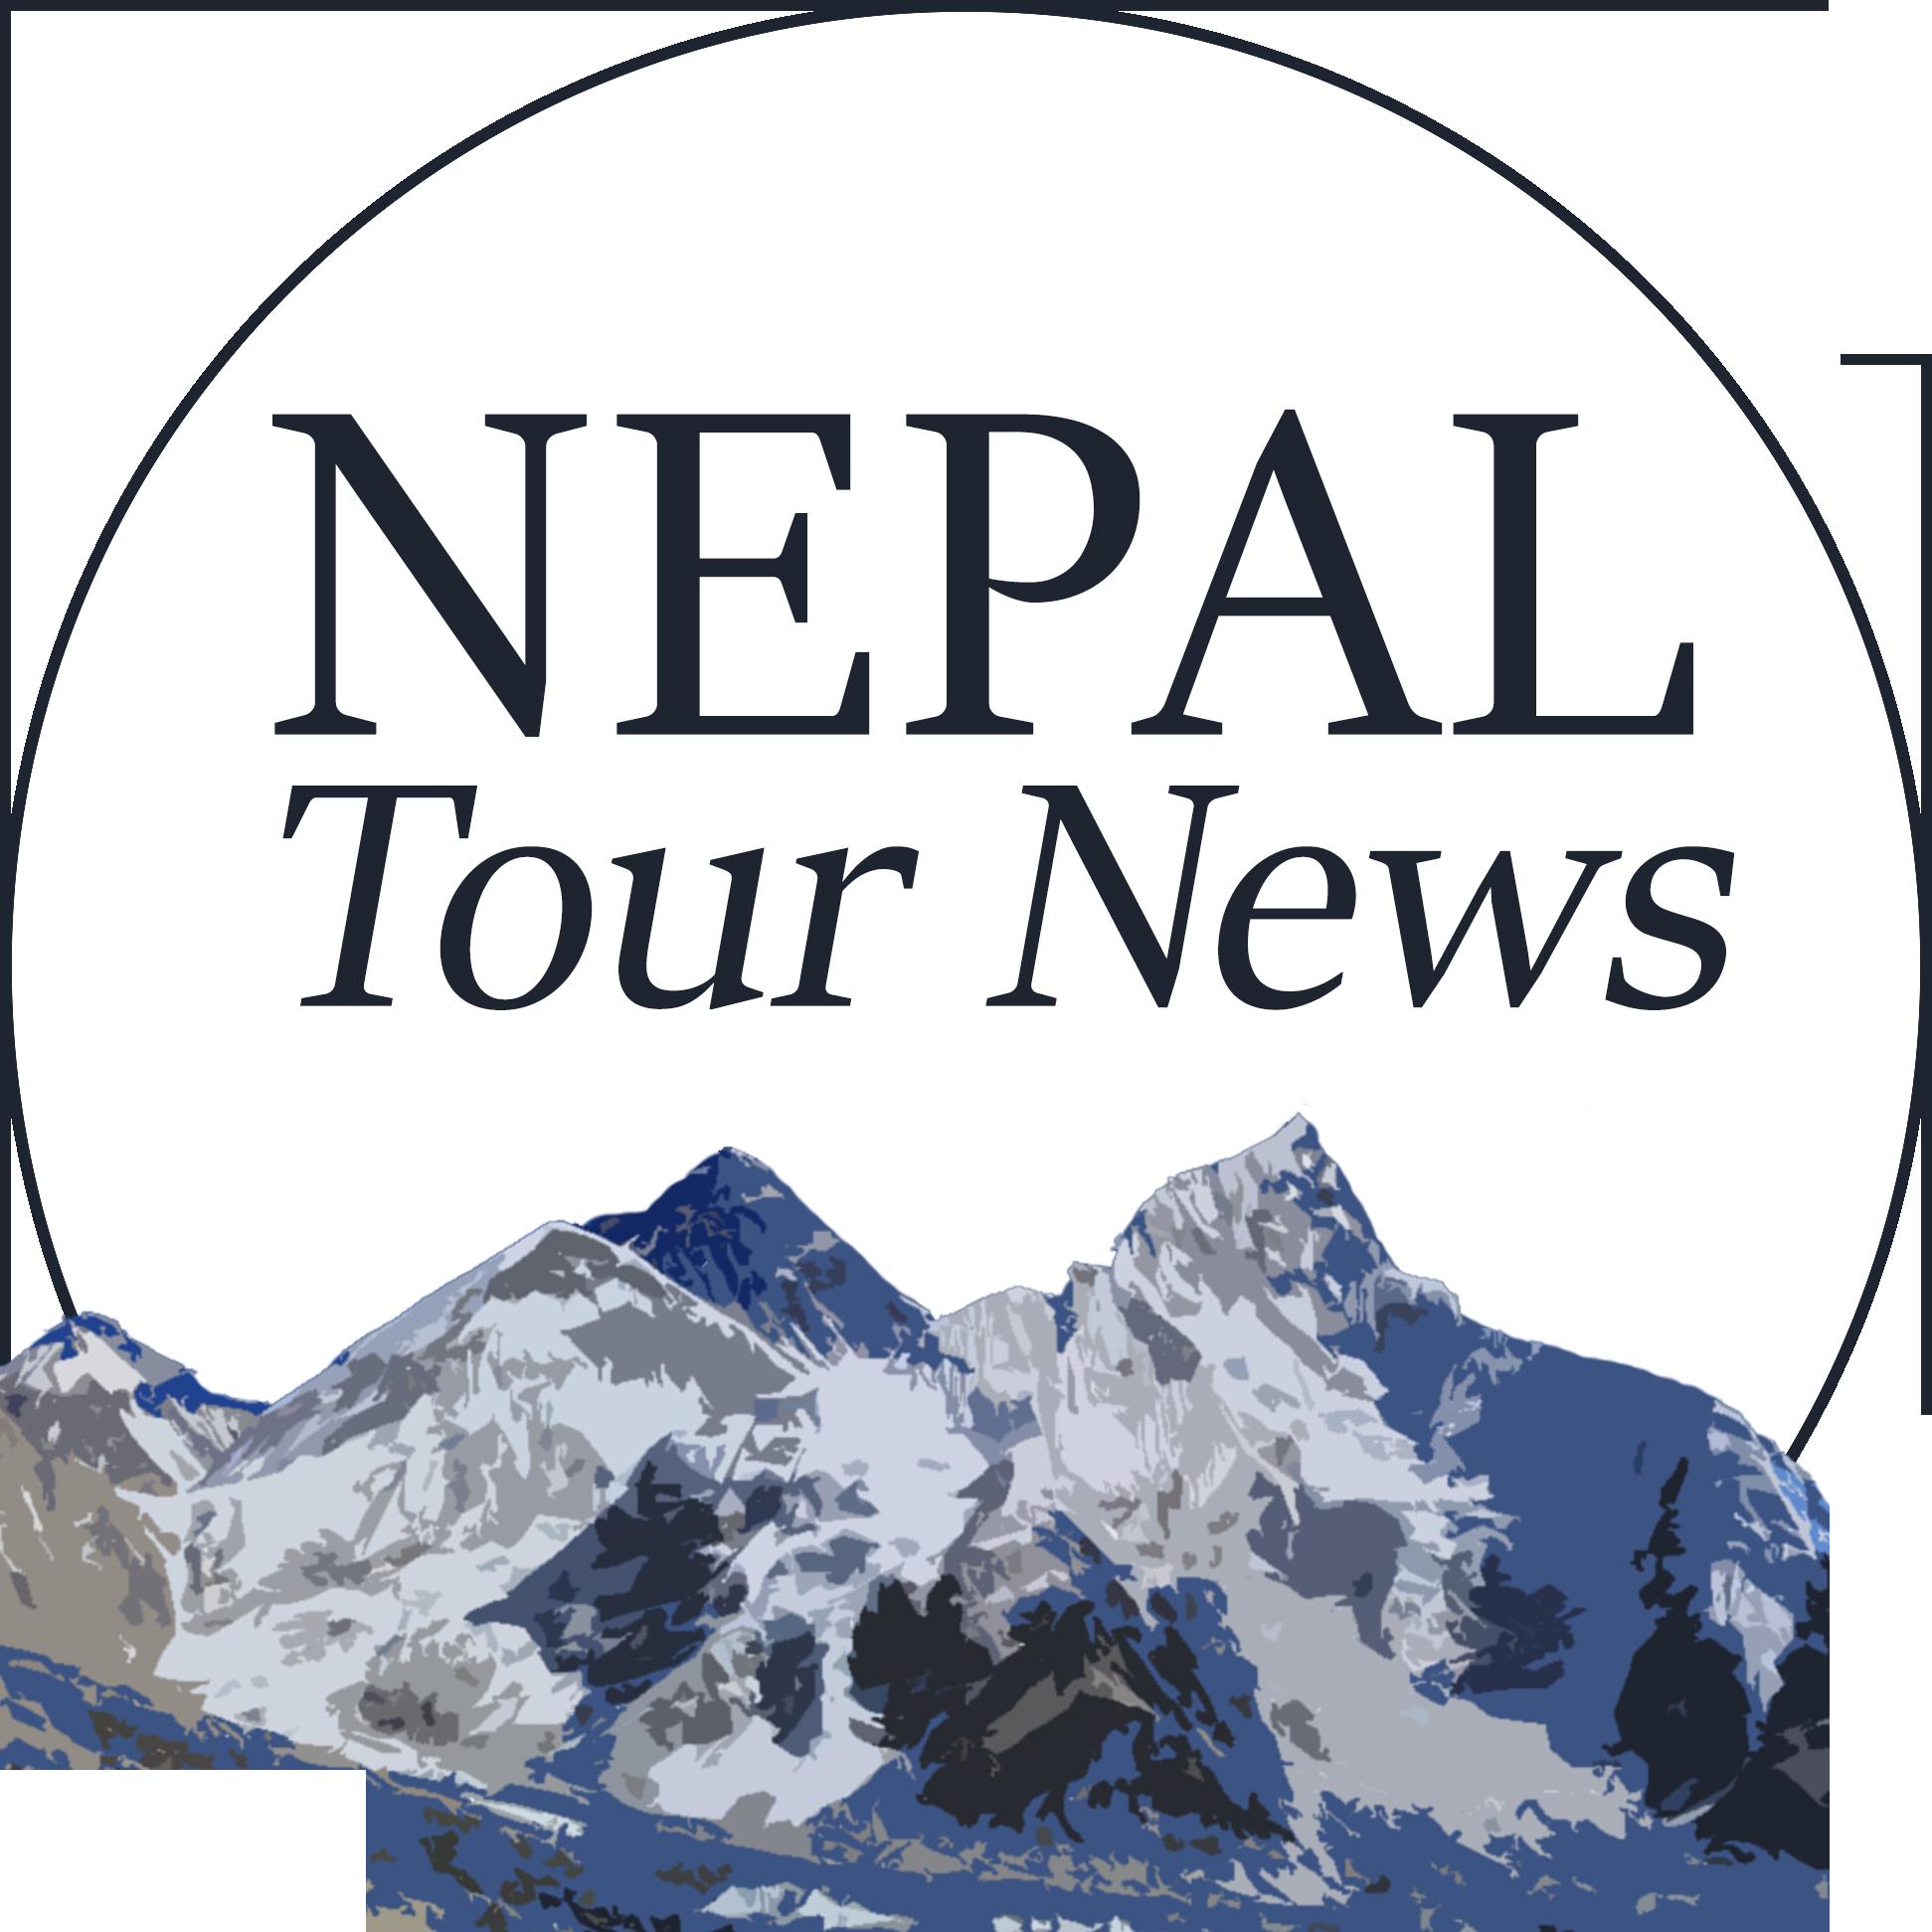 नेपाल भ्रमण समाचार